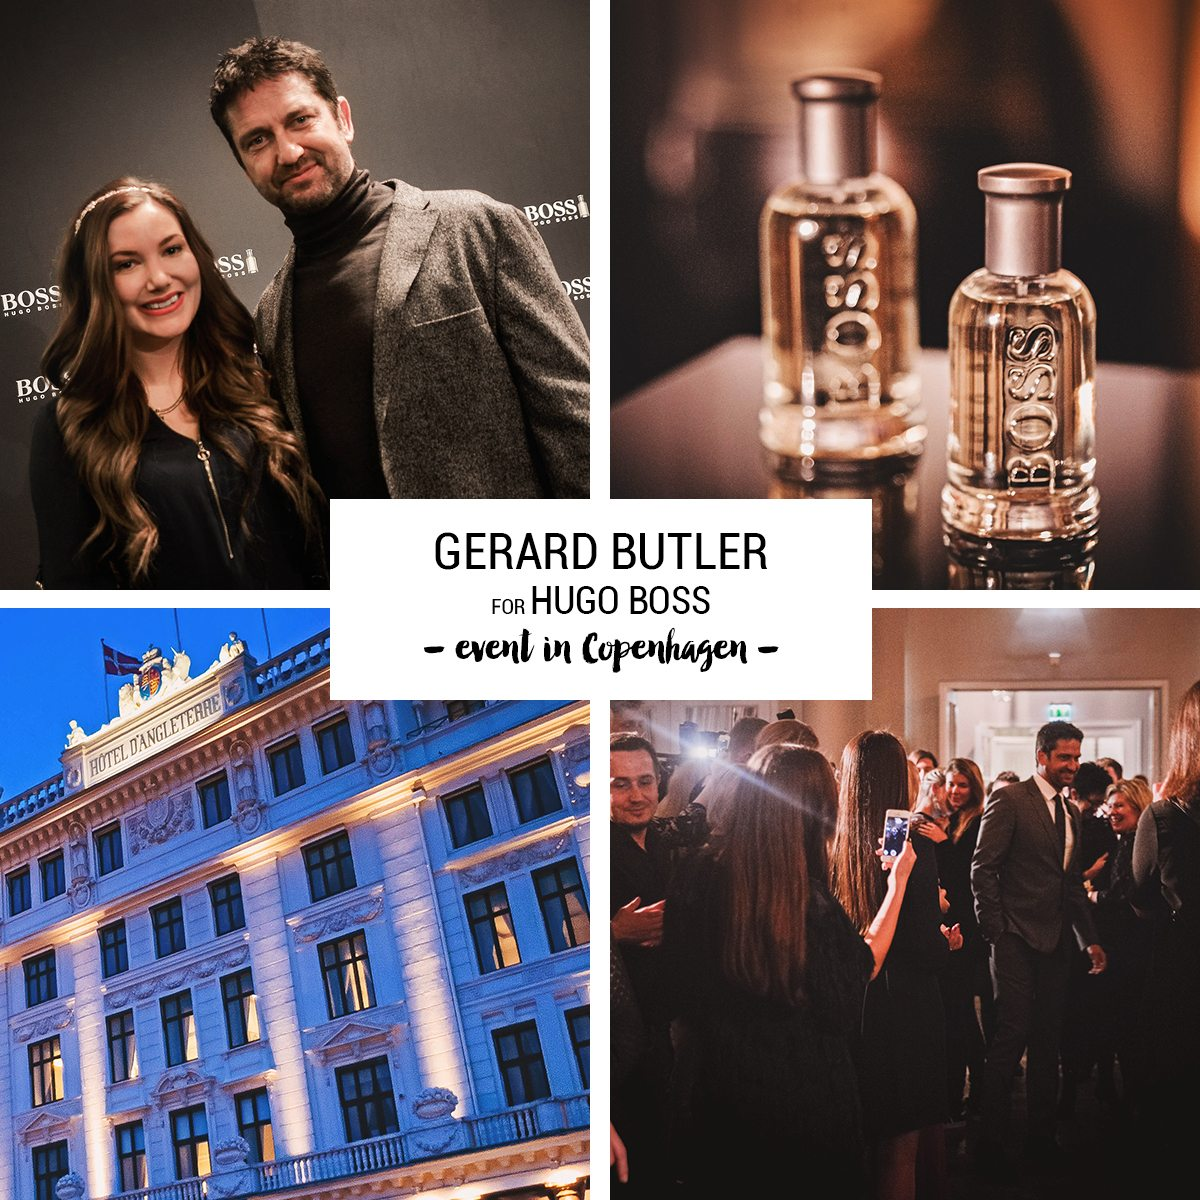 Gerard Butler for Hugo Boss